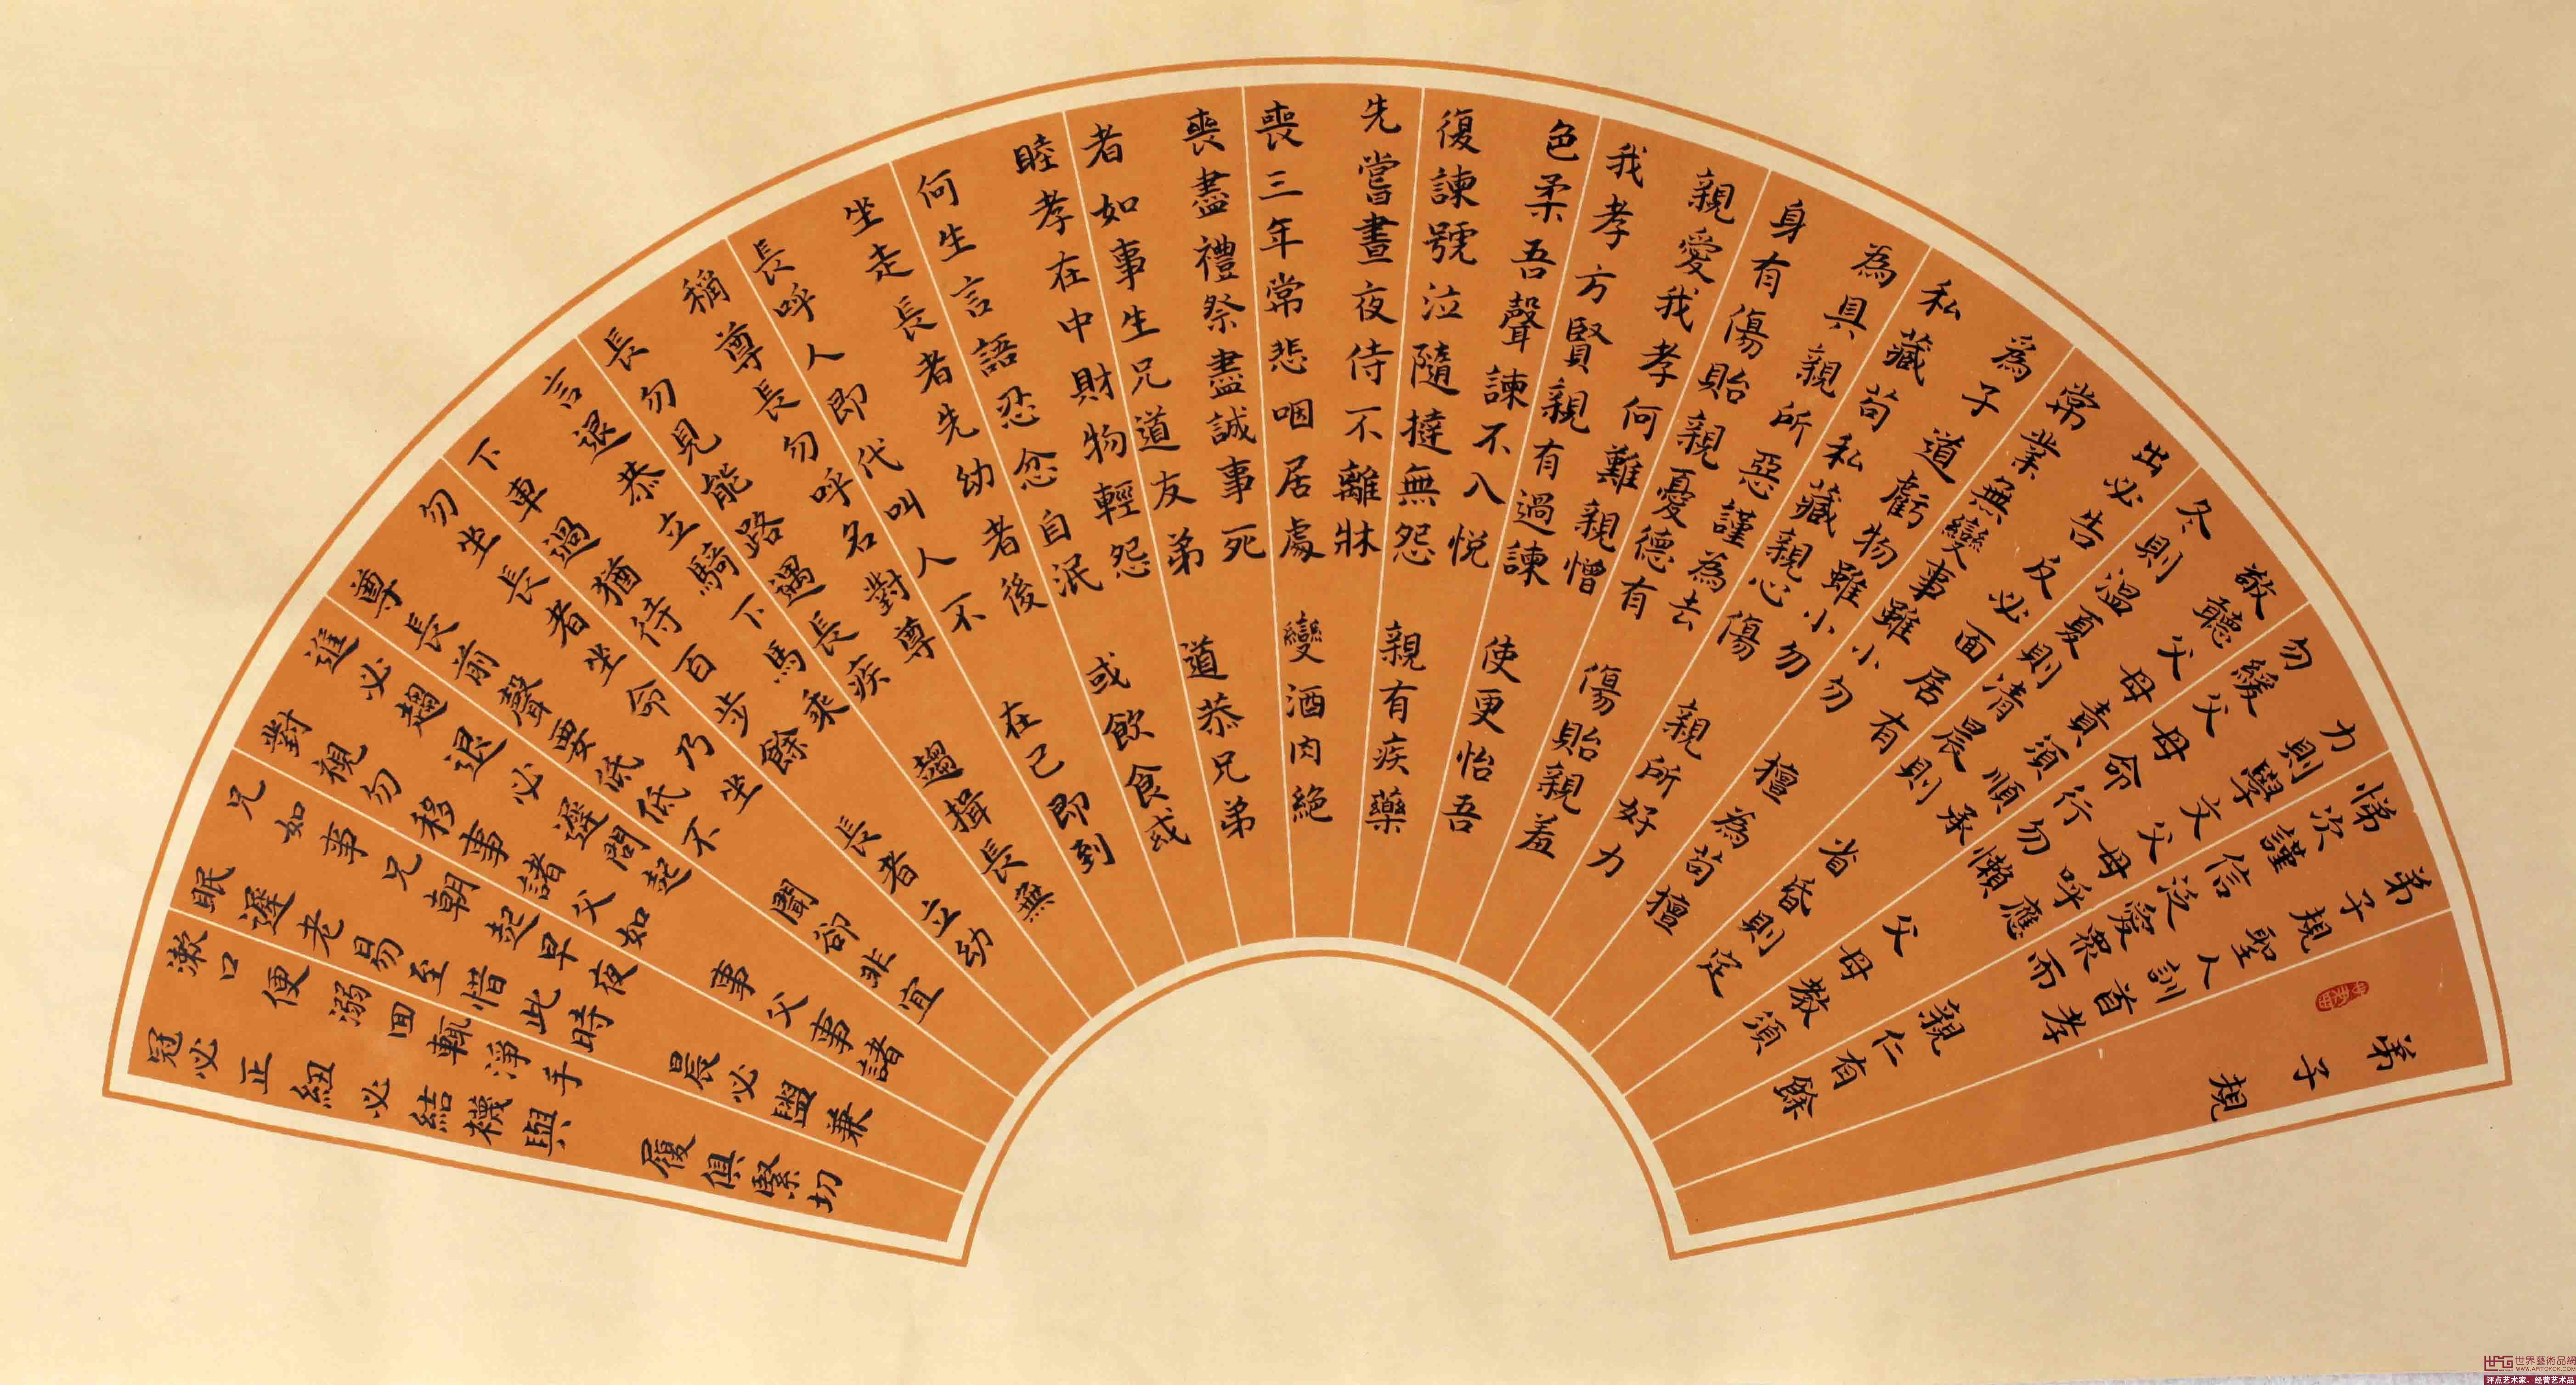 中国古代书法艺术.jpg